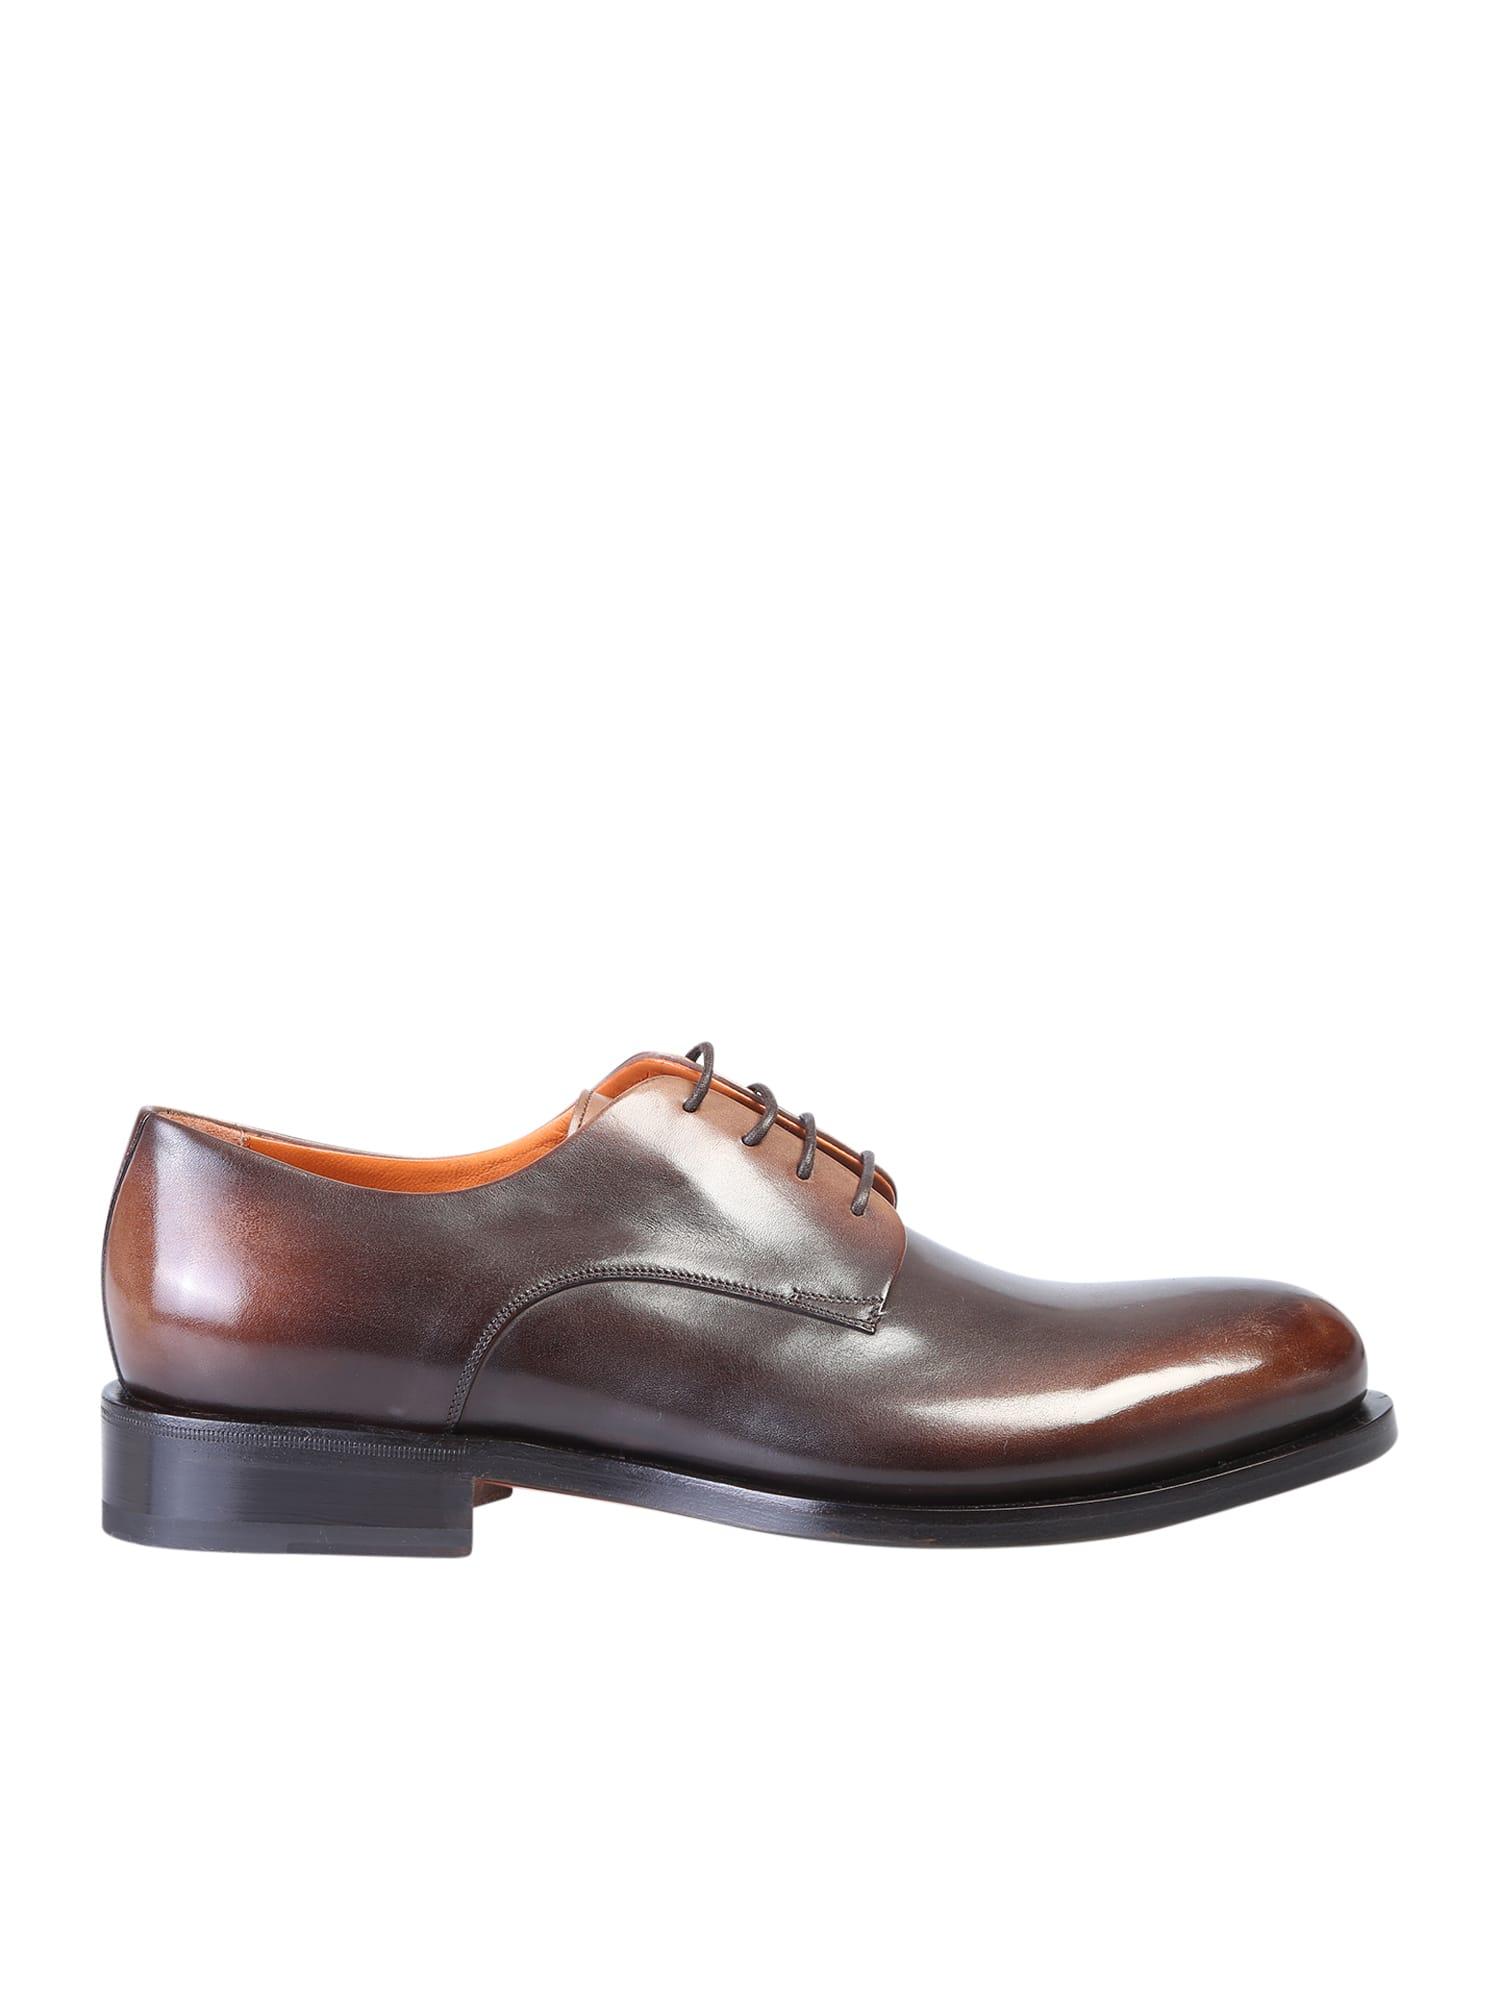 Santoni Shoes DERBY SHOES